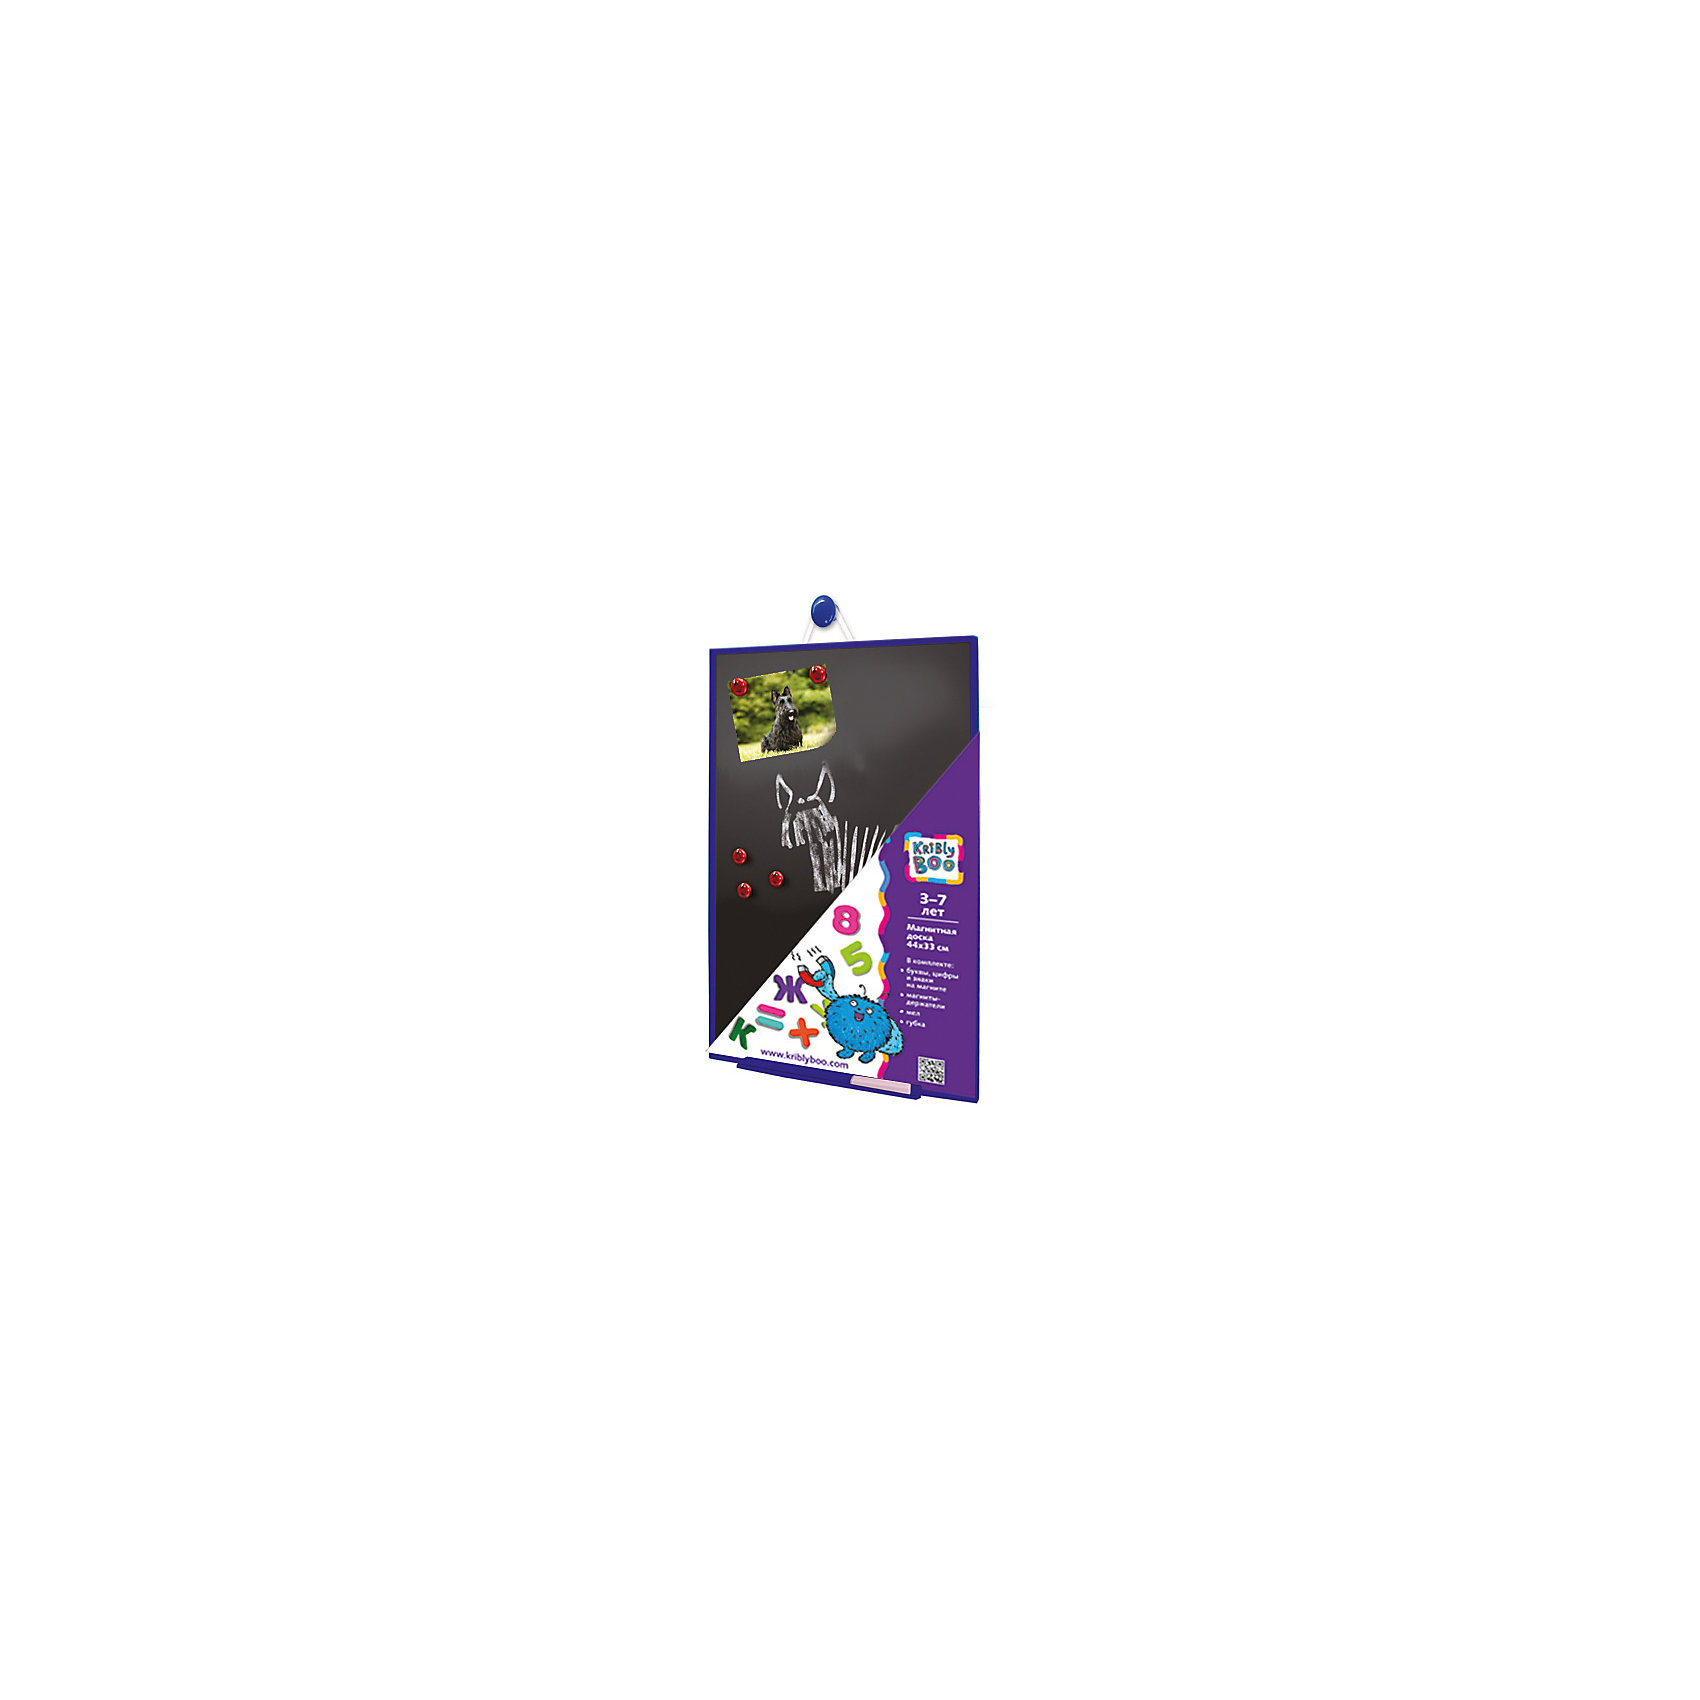 Магнитная доскачерная,44х33смХарактеристики товара:<br><br>• цвет: черный<br>• материал: металл, полимер<br>• размер: 44х33 см<br>• вес: 500 г<br>• комплектация: магнитная доска, комплекта магнитных букв русского алфавита, 20 цифр, математические знаки, набор белого мела, губка для вытирания, подставка для мела<br>• можно вешать горизонтально или вертикально<br>• возраст: от трех лет<br>• страна бренда: Финляндия<br>• страна изготовитель: Китай<br><br>Такая доска сделает учебу легче и интереснее! Доска дополнена возможностью вешать ее как в вертикальном, так и в горизонтальном положении. С помощью неё ребенок легко освоит алфавит, счет и математические действия, а также будет тренировать внимательность, абстрактное мышление, логику, усидчивость. Комплект будет полезен собирающимся идти в школу, а также младшим школьникам. <br>Доска выпущена в удобном формате, со всеми необходимыми предметами в наборе. Изделие производится из качественных и проверенных материалов, которые безопасны для детей.<br><br>Магнитную доску черную 44х33 см от бренда KriBly Boo можно купить в нашем интернет-магазине.<br><br>Ширина мм: 440<br>Глубина мм: 360<br>Высота мм: 30<br>Вес г: 500<br>Возраст от месяцев: 36<br>Возраст до месяцев: 84<br>Пол: Унисекс<br>Возраст: Детский<br>SKU: 4623190